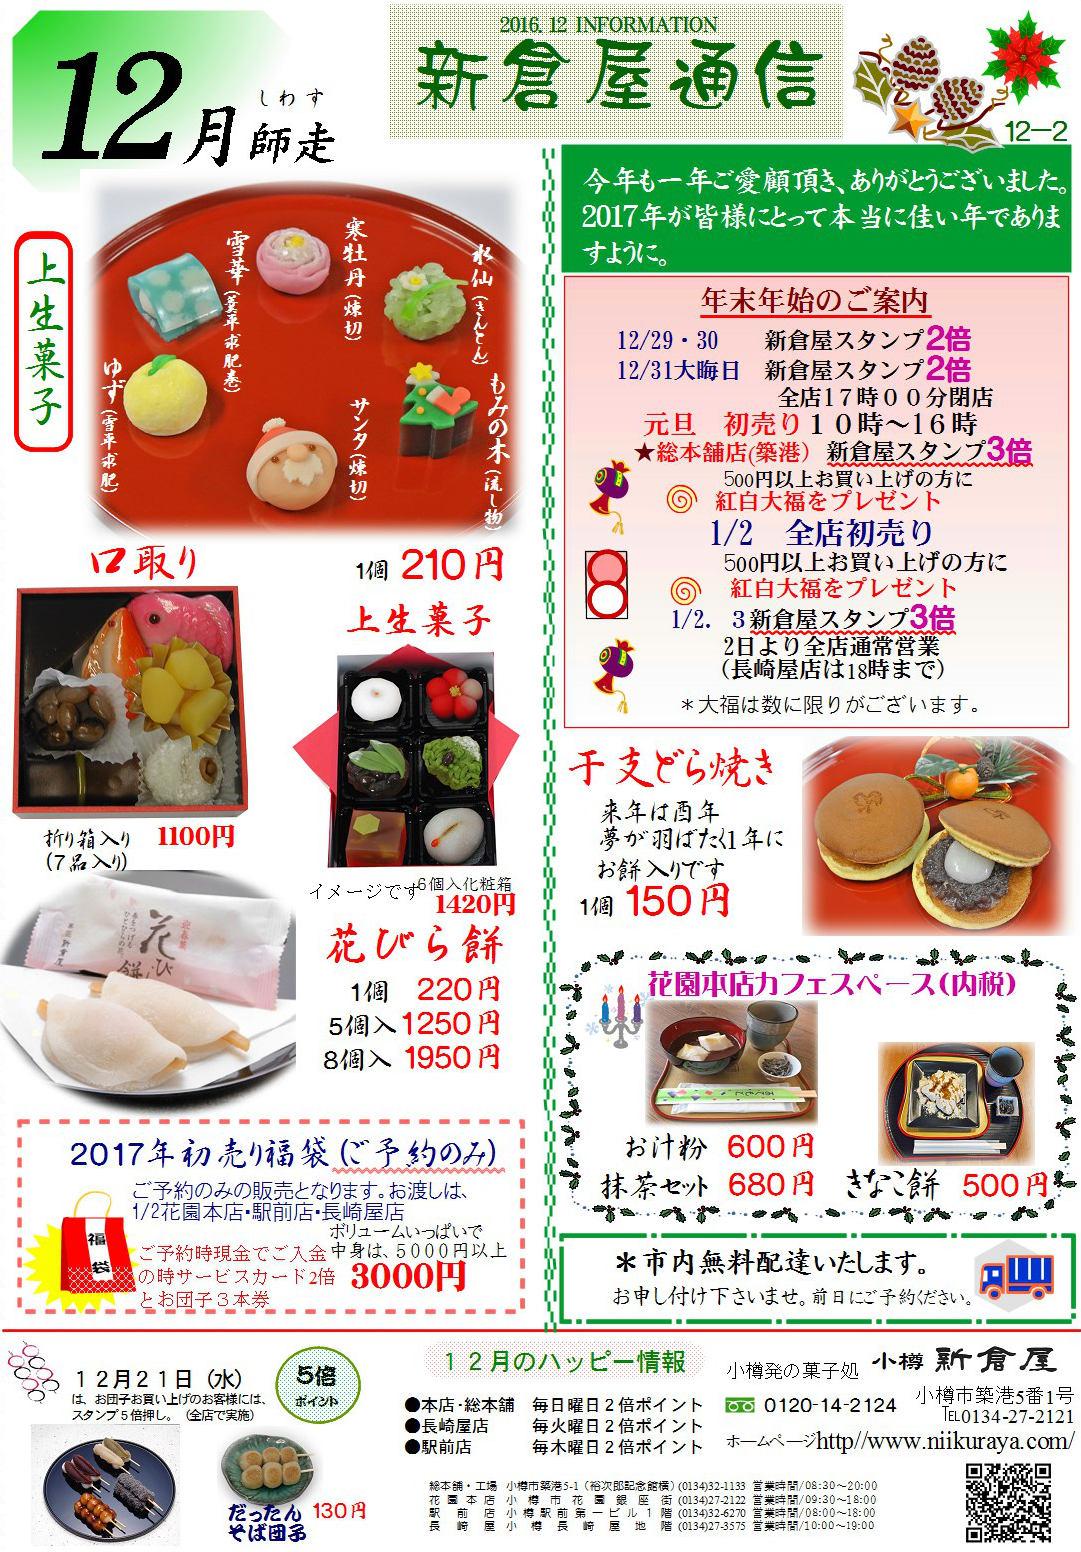 小樽新倉屋通信2016年12月2号